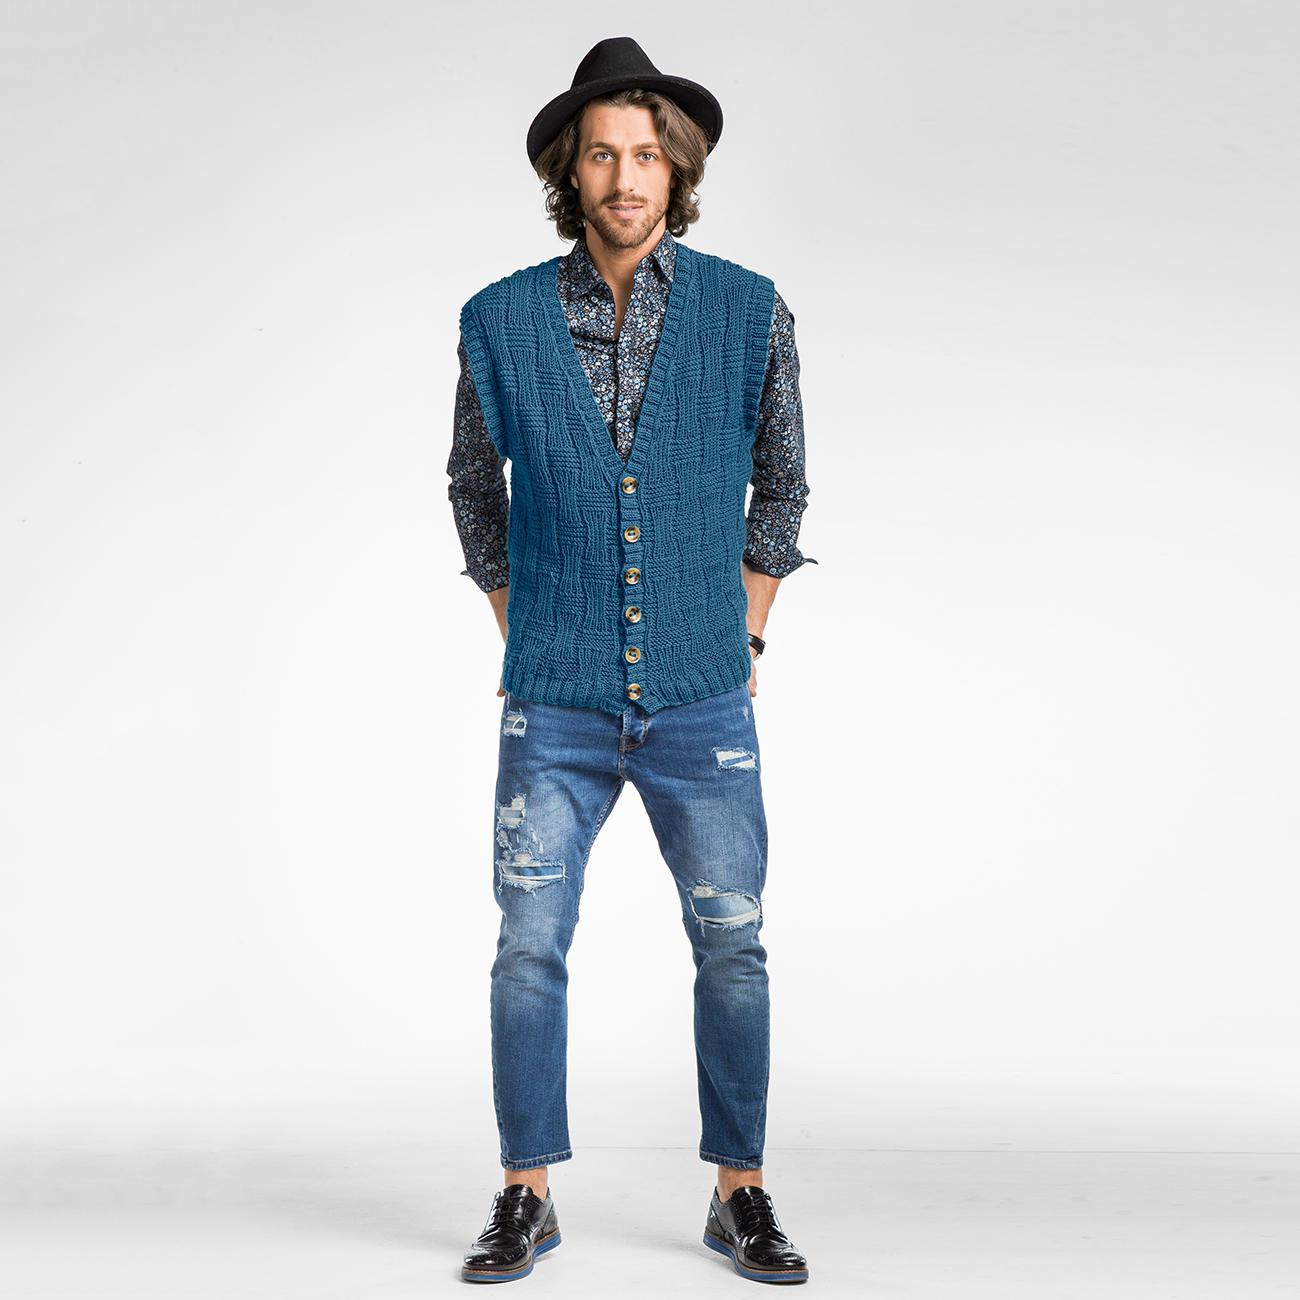 Herren weste pullover casual style wolle strick einreiher männer strickjacke weste große größe 4XL Muls marke Grau Schwarz Navy MS16007 ali 87476332